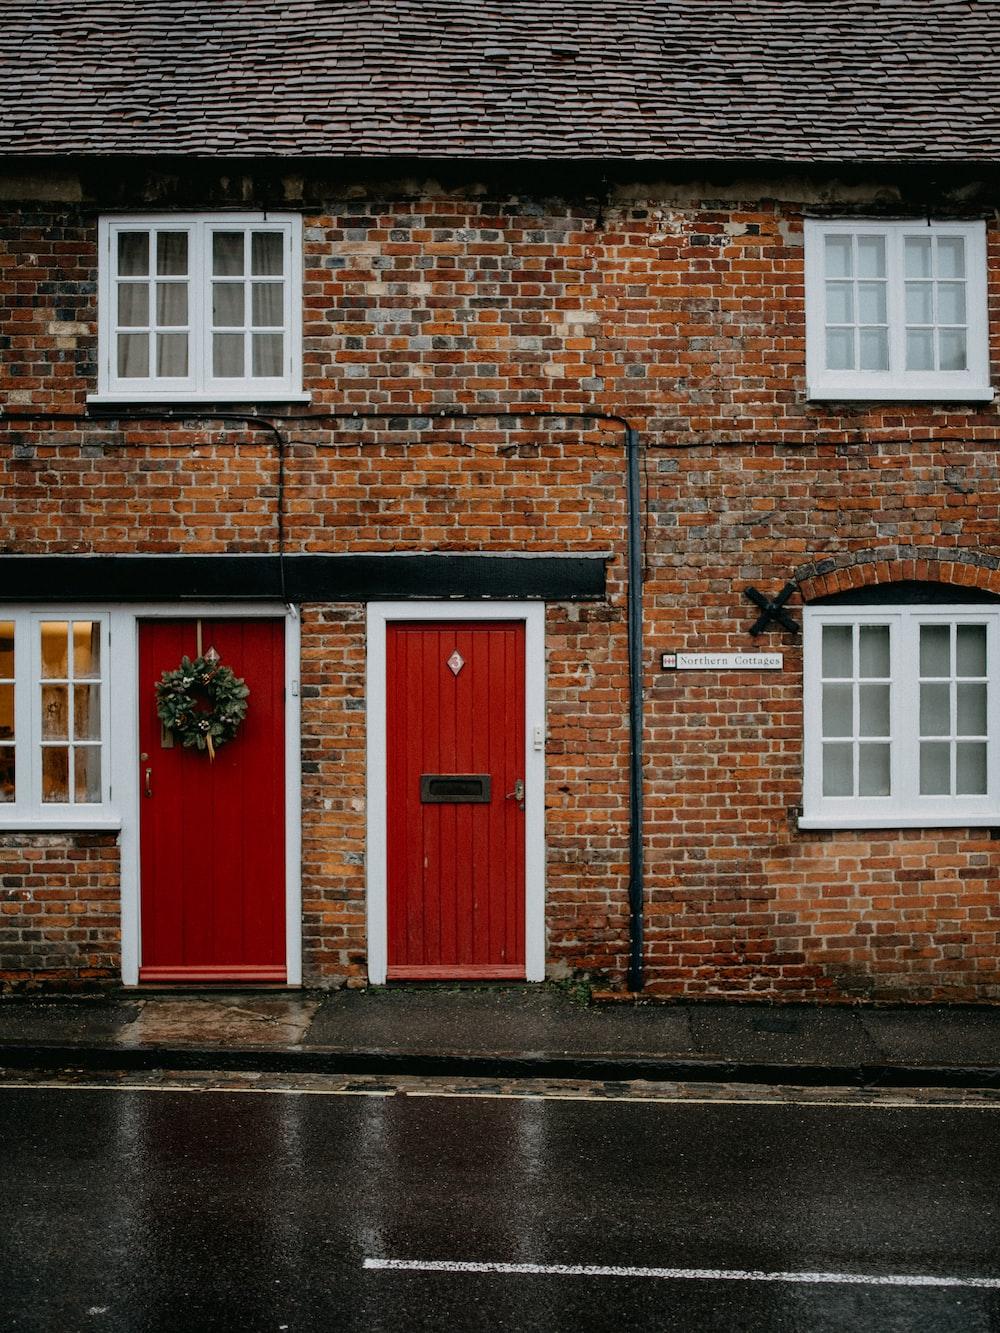 red wooden door on brown brick building